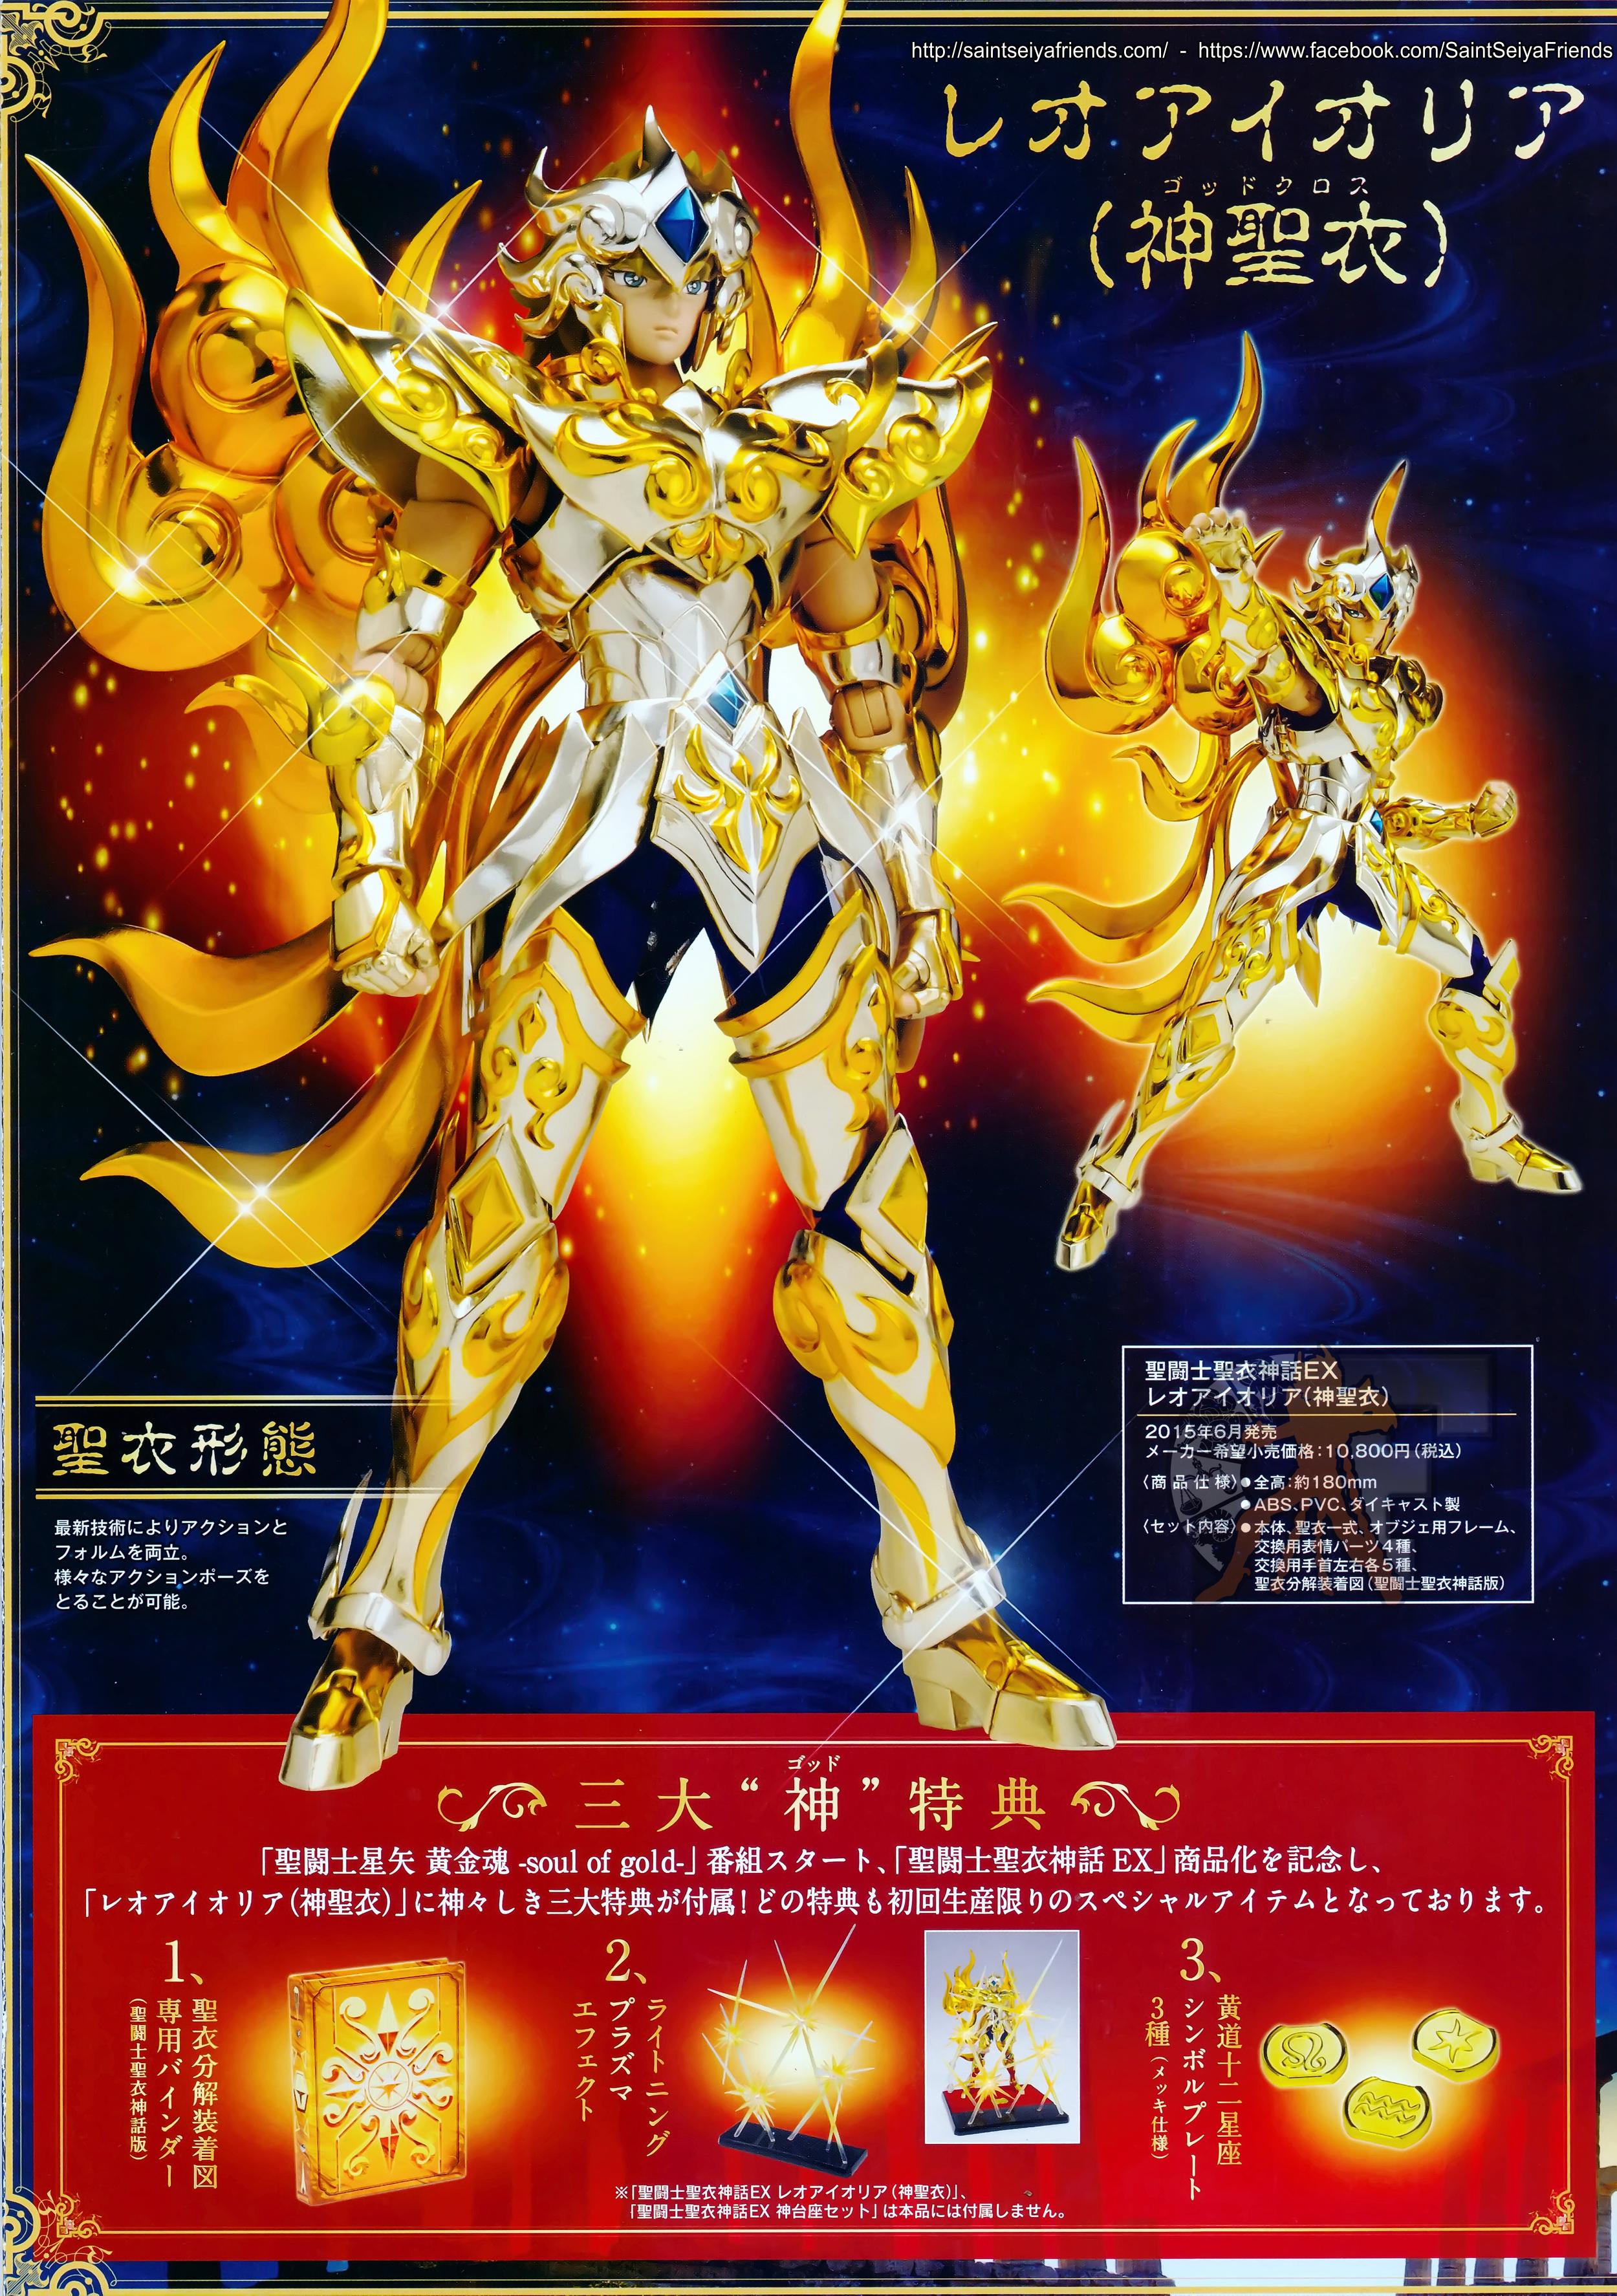 [Comentários] Saint Cloth Myth EX - Soul of Gold Aiolia de Leão - Página 9 18909229740_6b7087576d_o